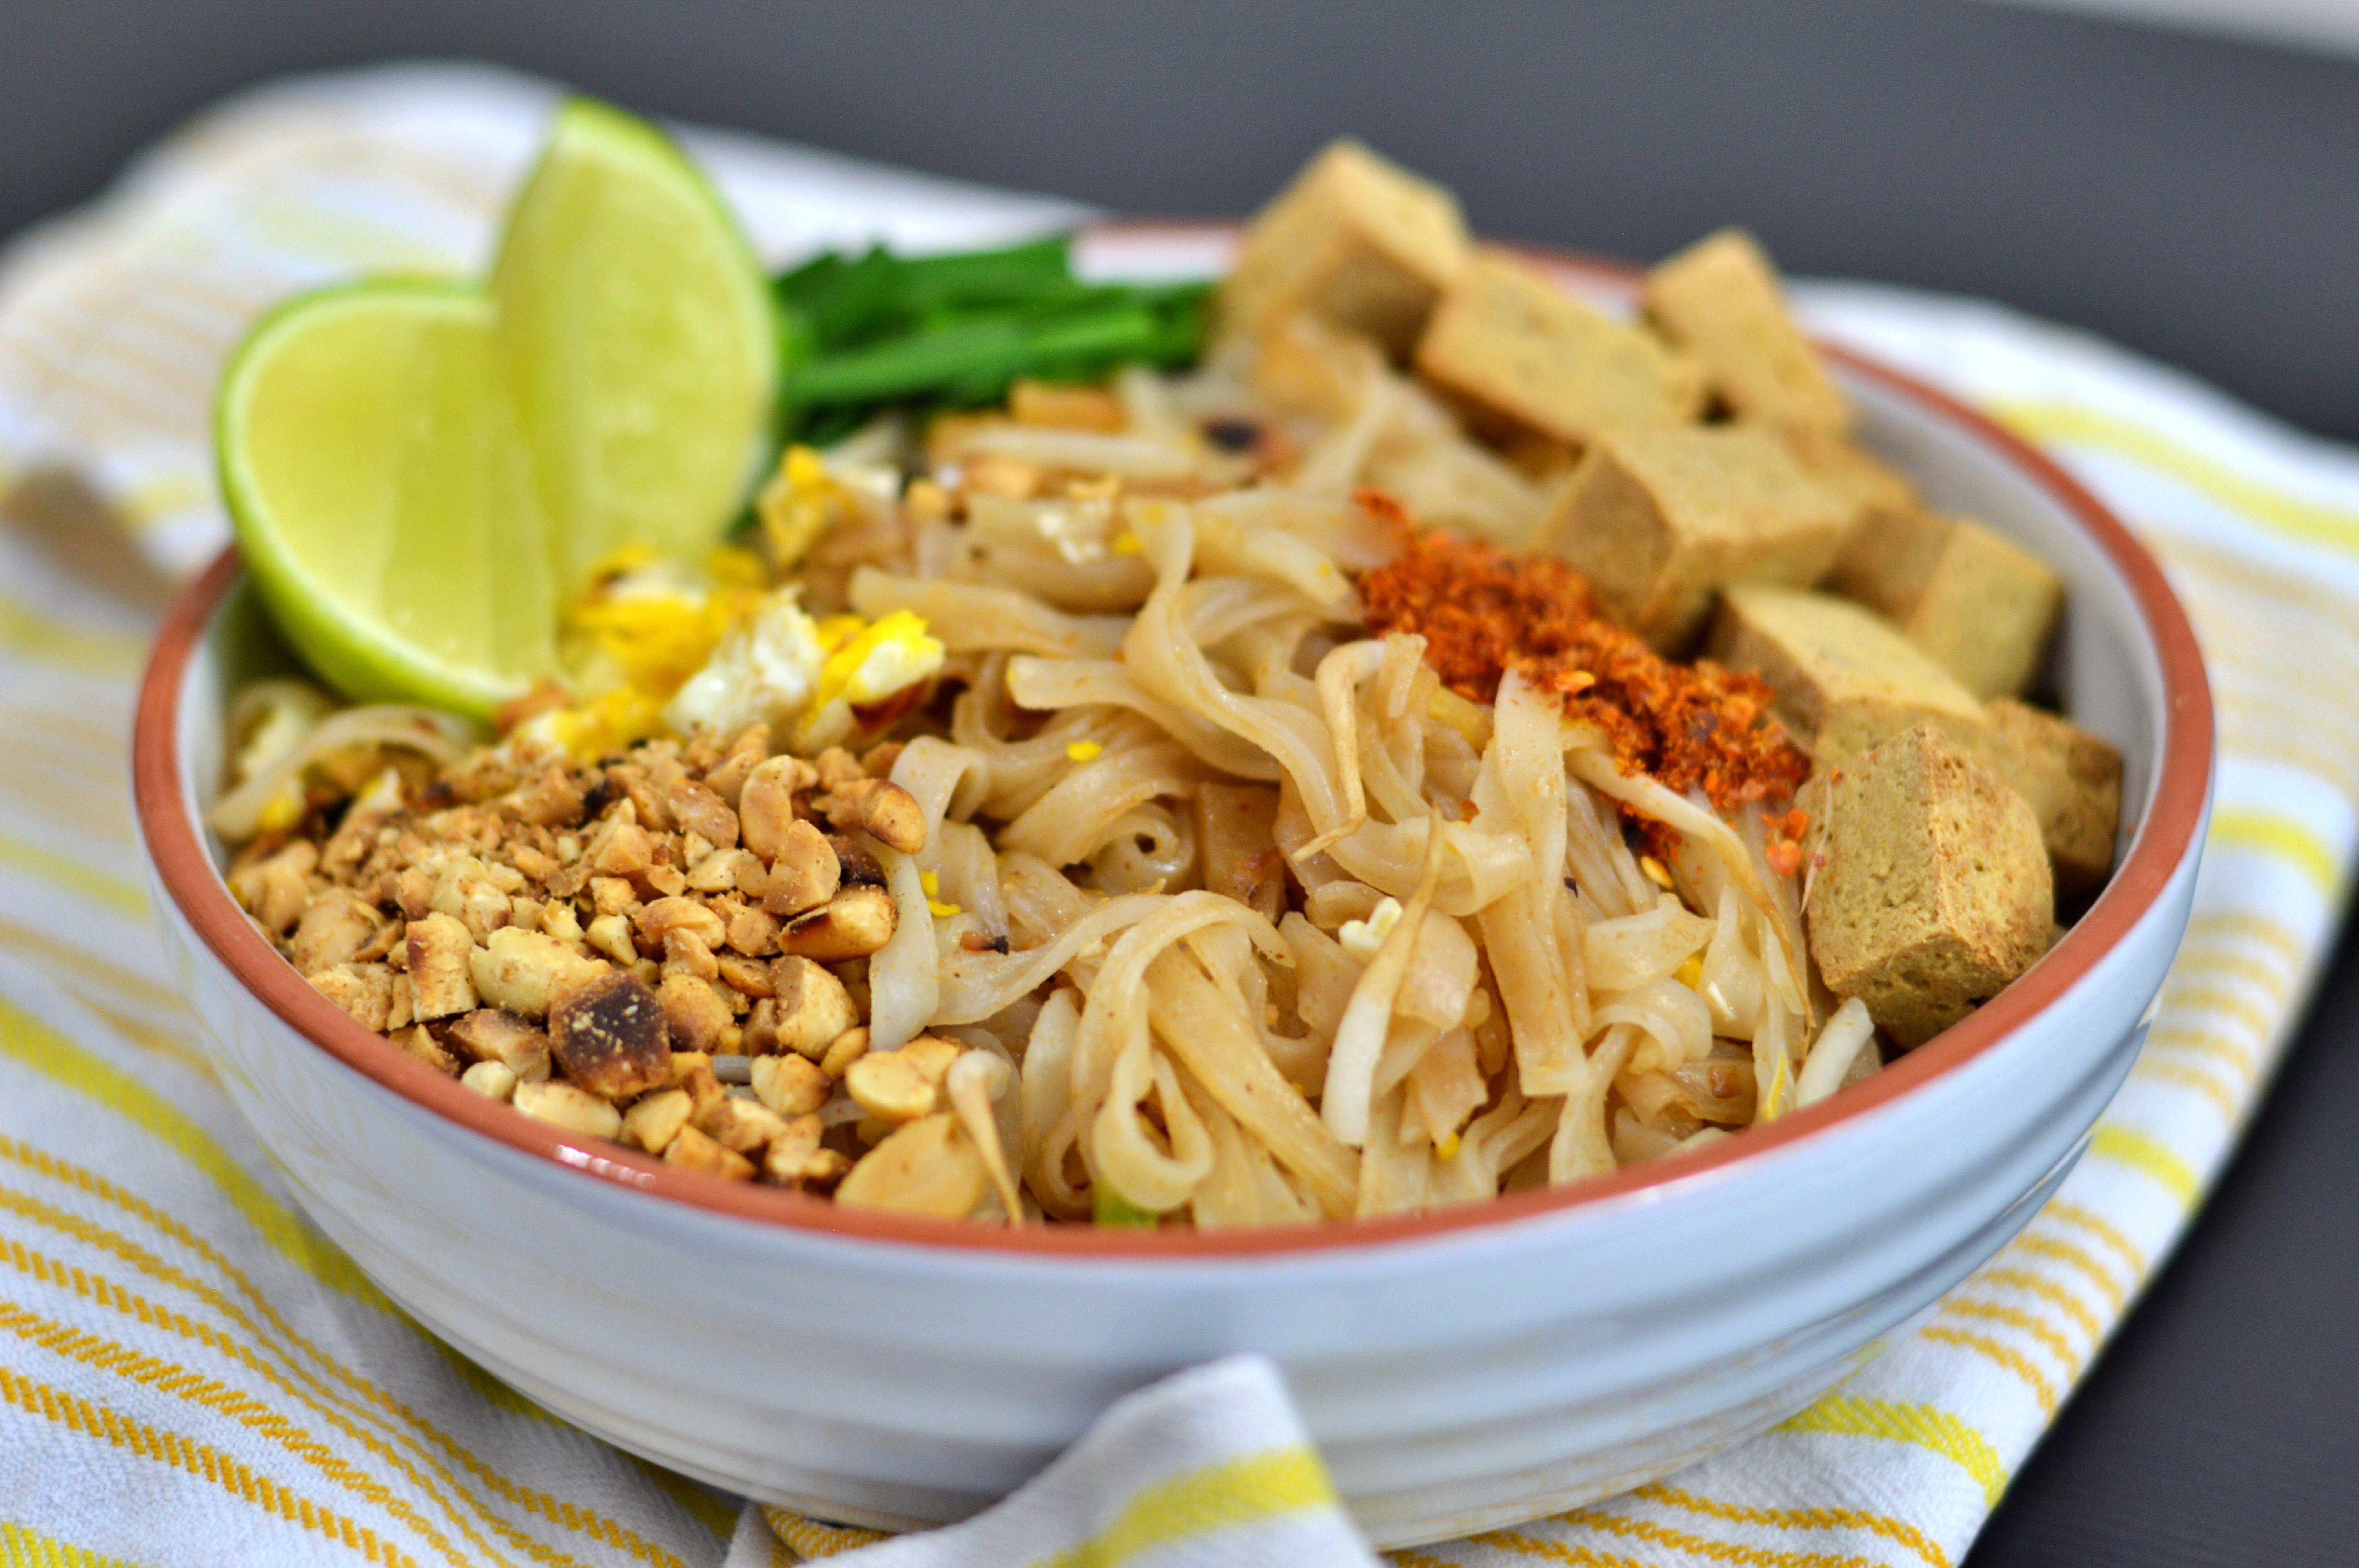 Rezept für fast vegetarisches Pad Thai | www.dearlicious.com